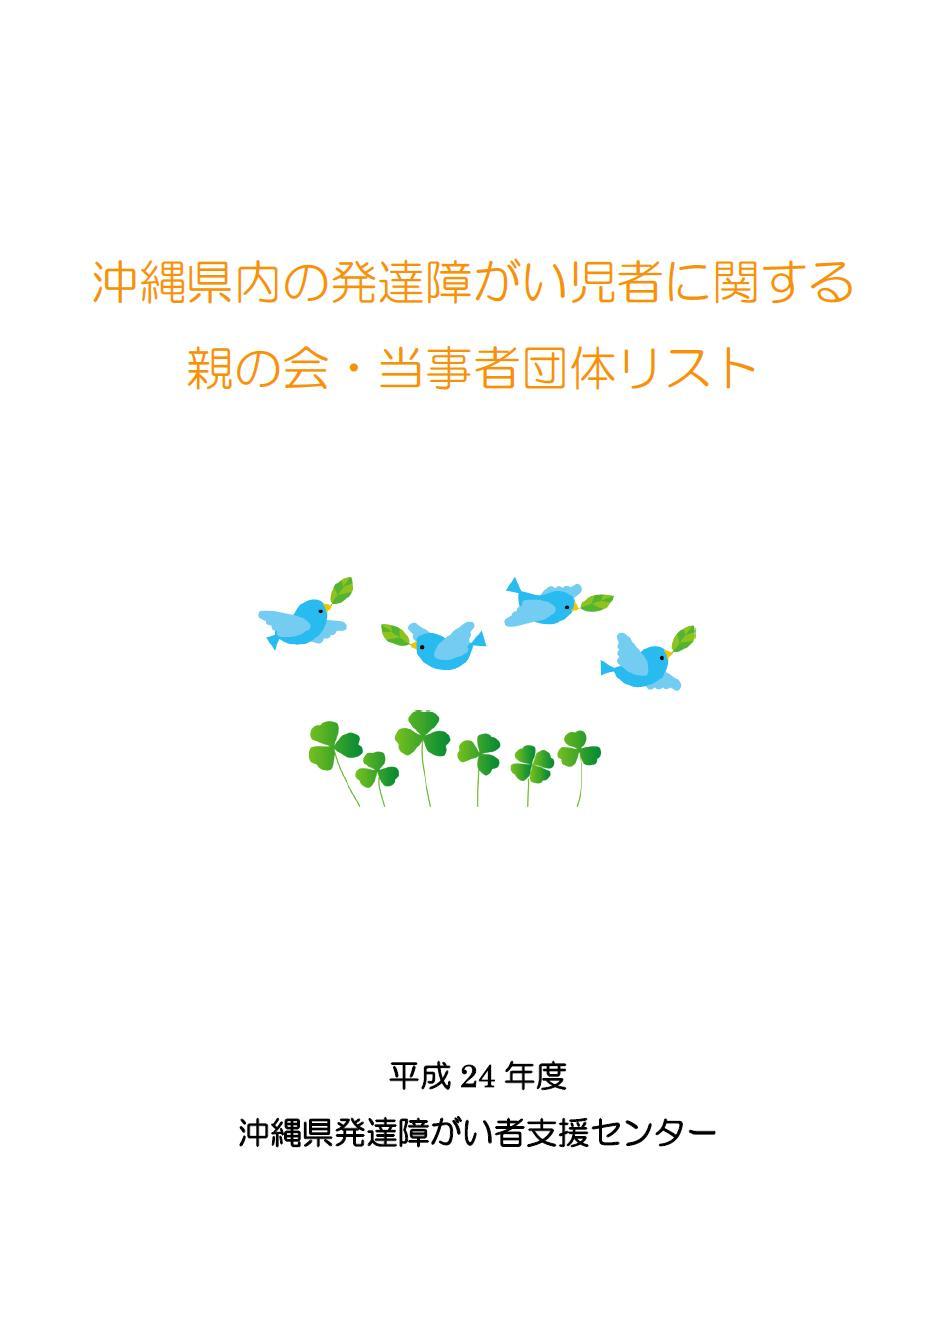 沖縄県内の発達障がいに関する親の会・当事者団体等